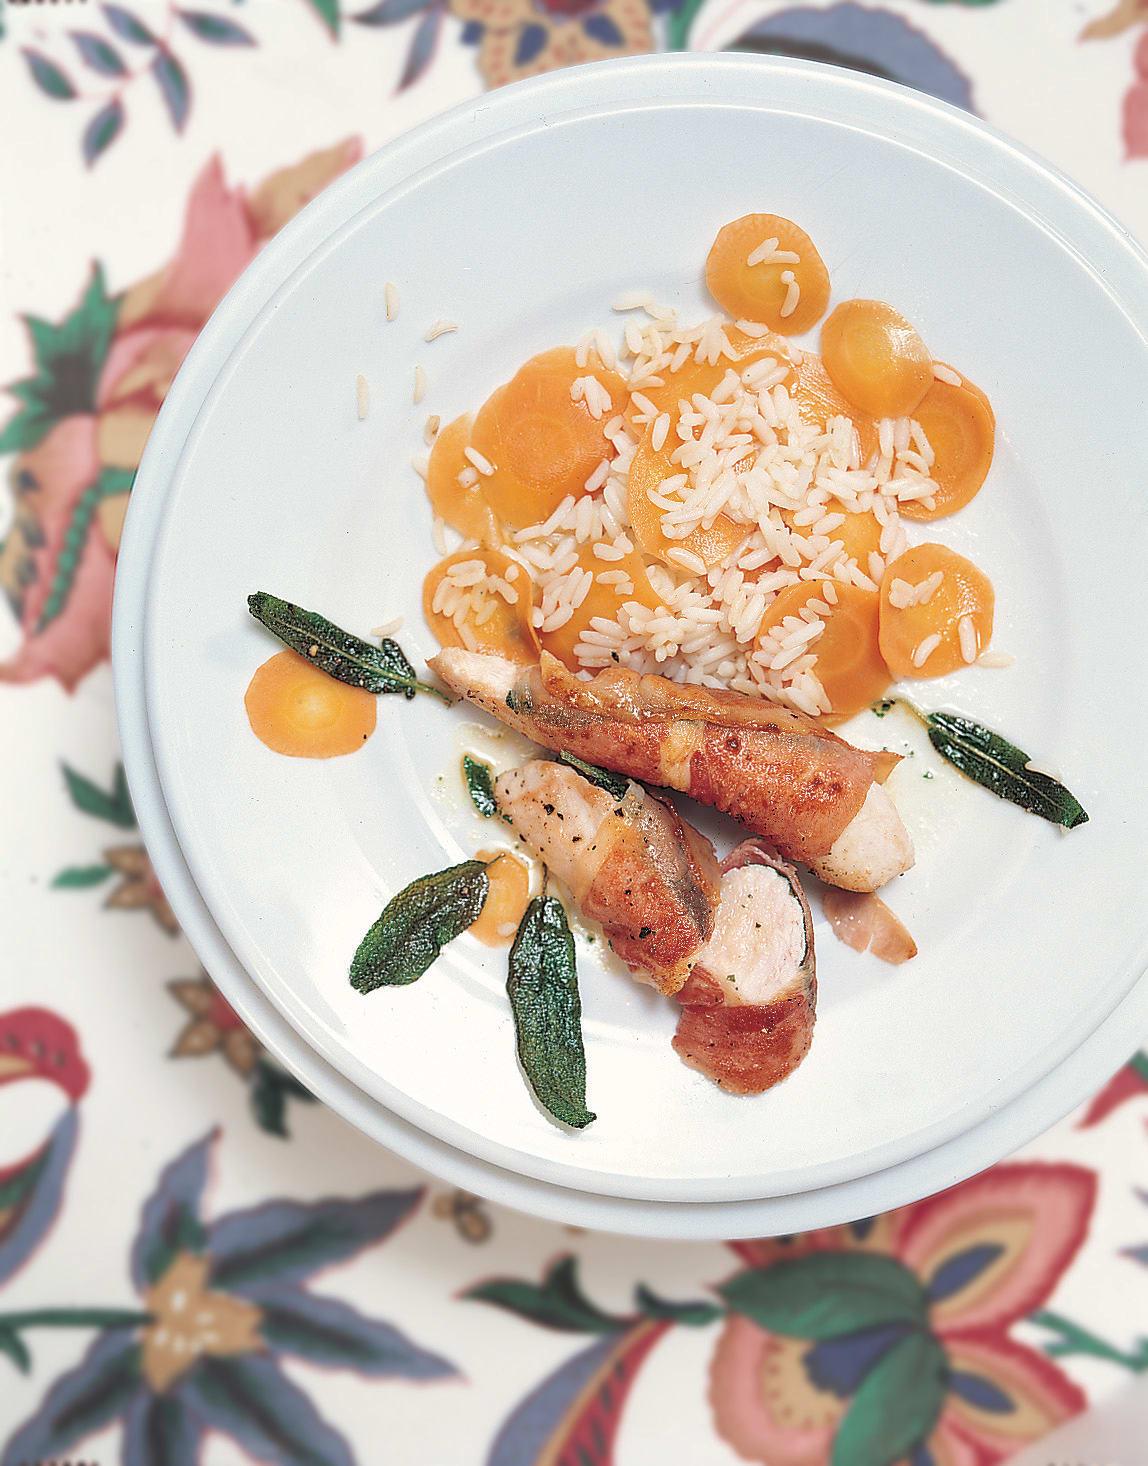 Filets de lapin sur lit de riz aux carottes